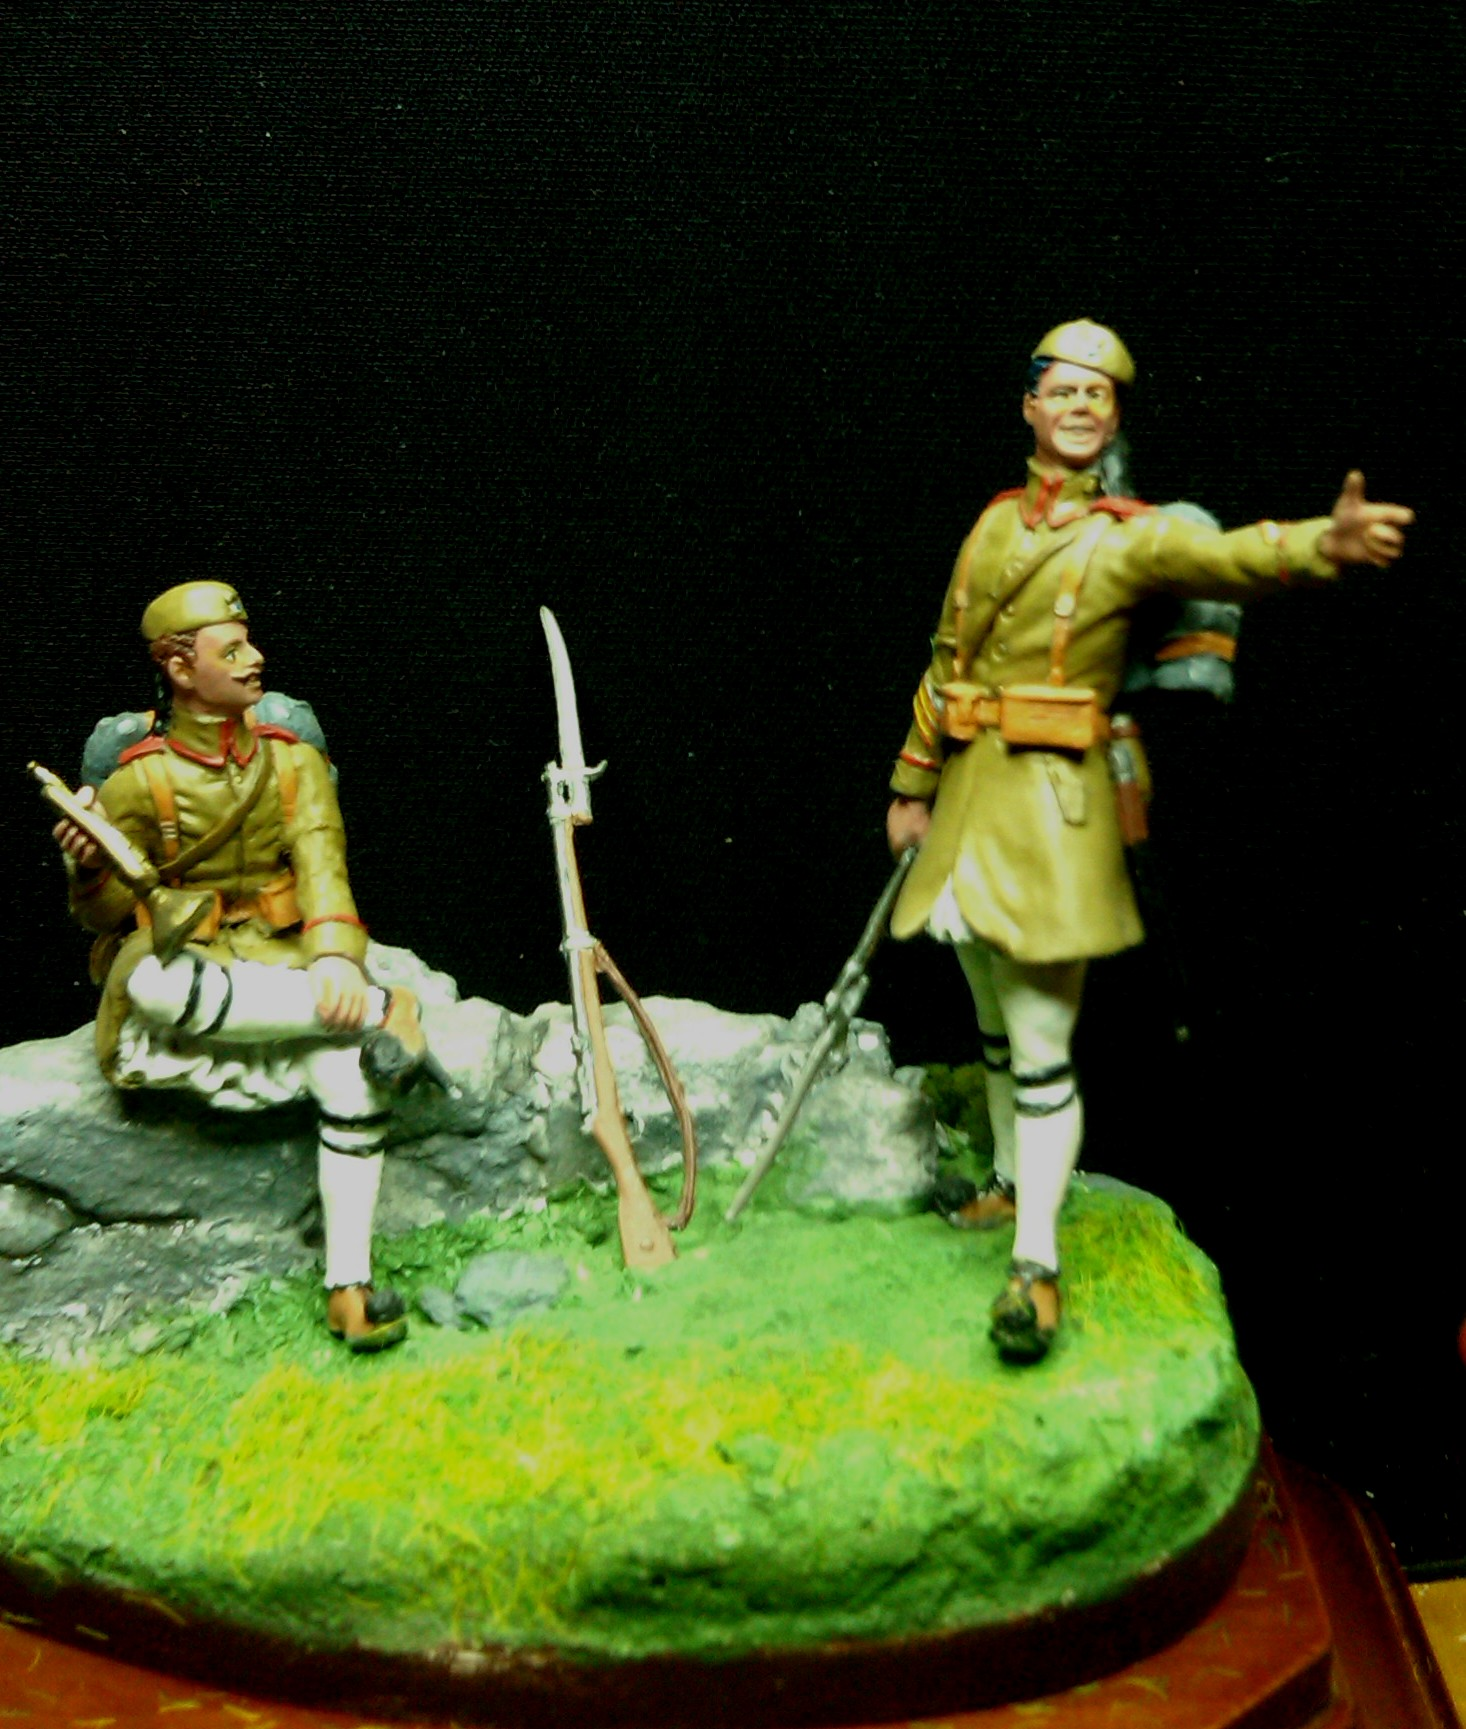 ΕΥΖΩΝΕΣ, ΒΑΛΚΑΝΙΚΟΙ ΠΟΛΕΜΟΙ 1912 - 1913,μινιαύρα,Greekheroes,evzones,balkan wars 1912-1913,miniature,